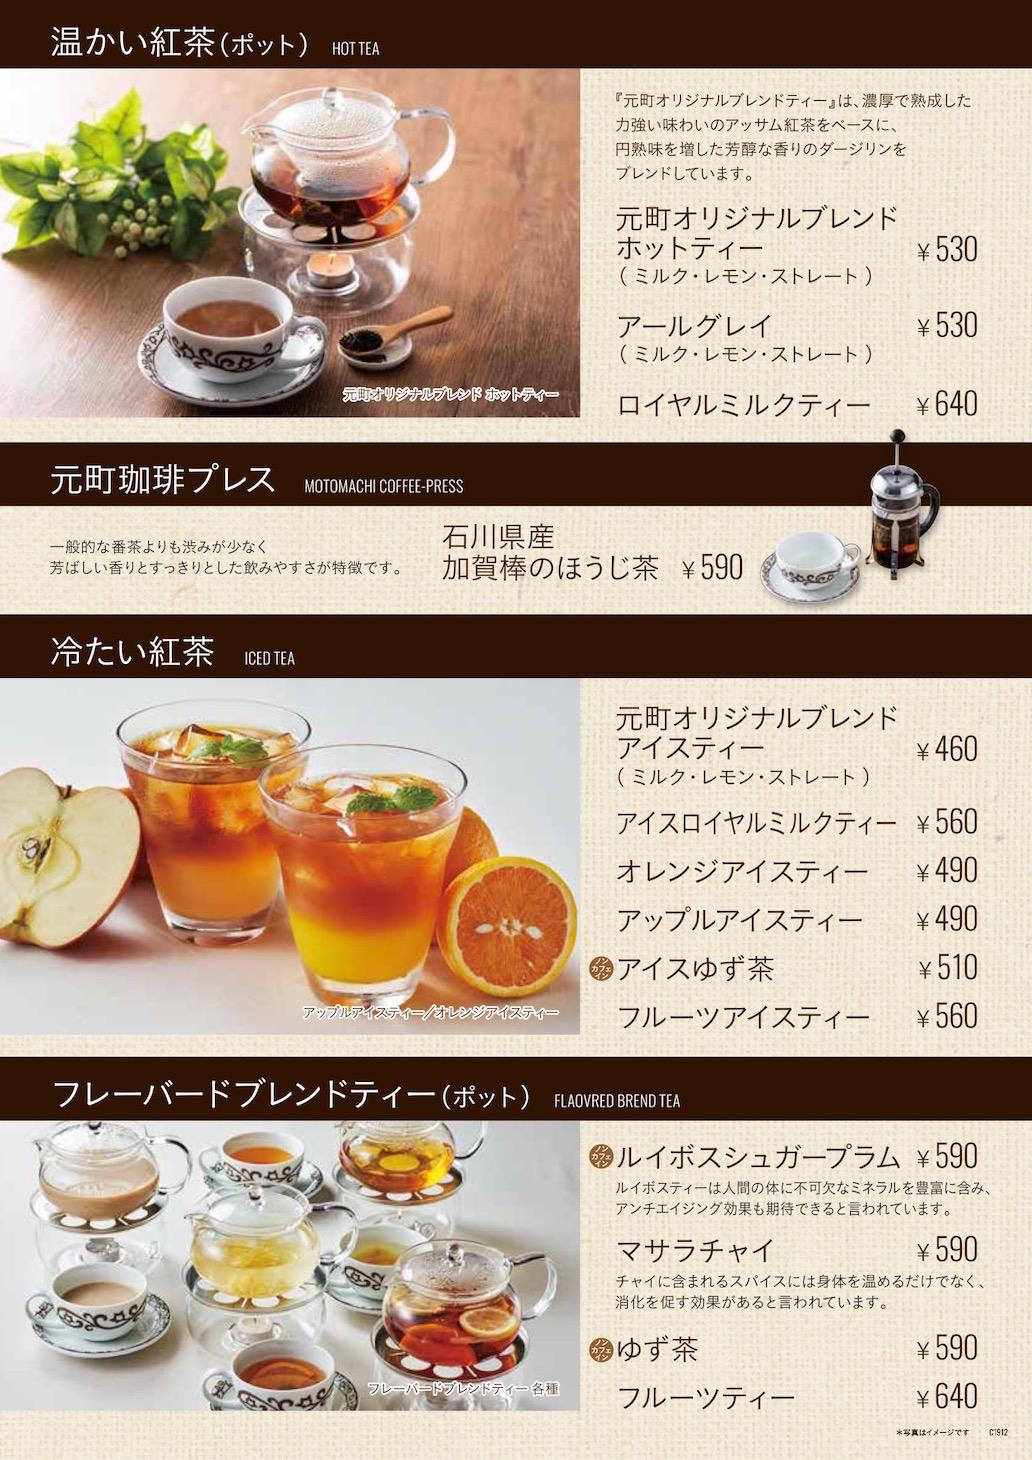 温かい紅茶イメージ